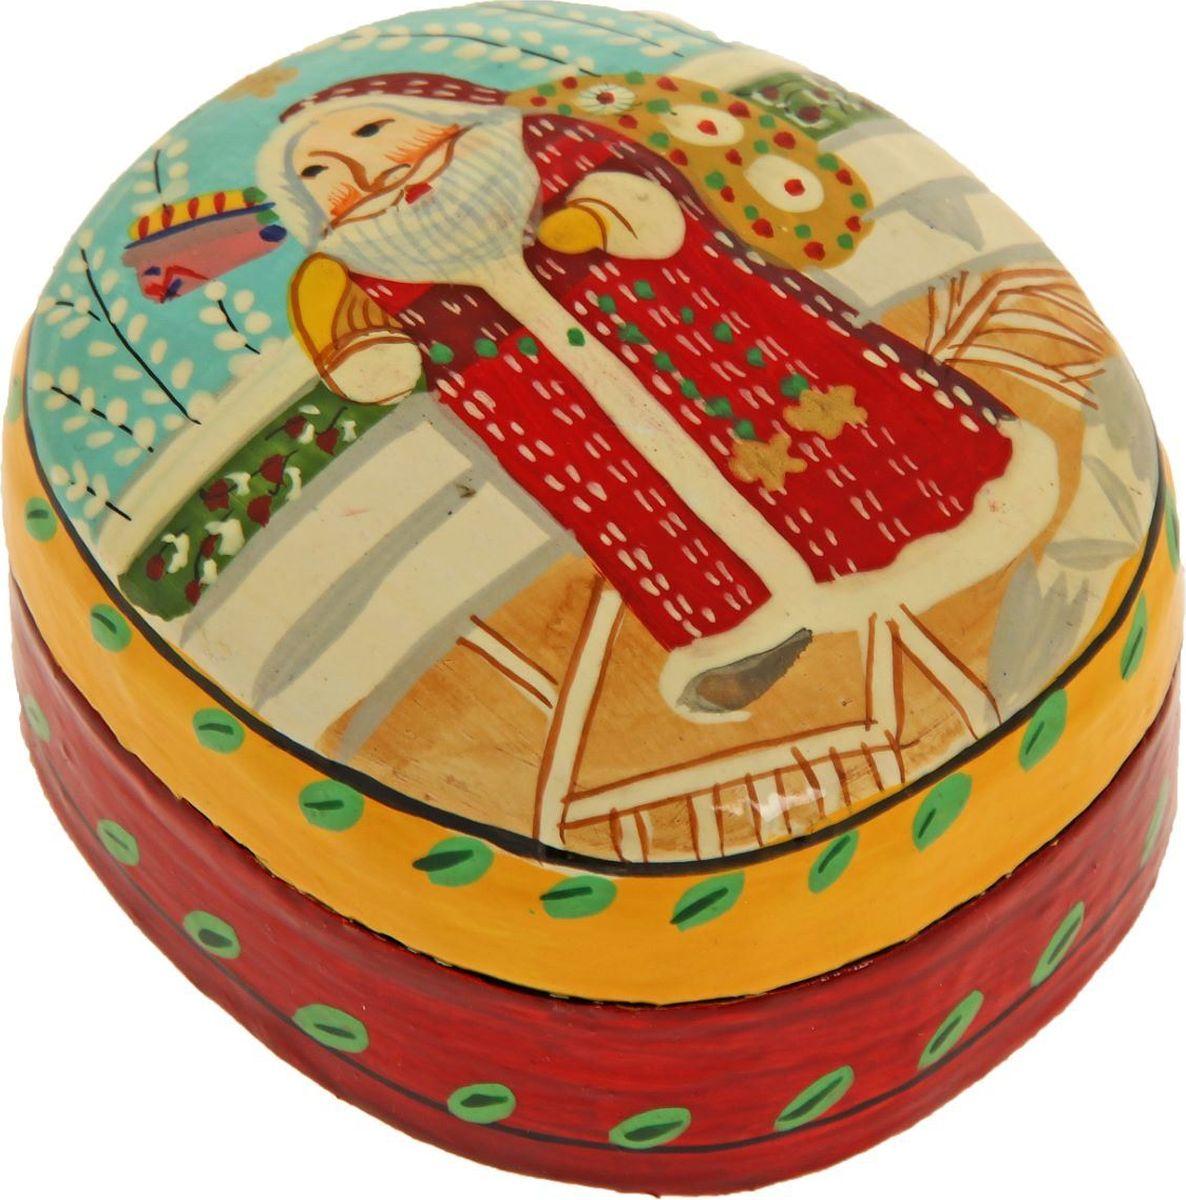 Шкатулка Sima-land Дед Мороз, цвет: красный, 4,5 х 9 х 7 см1178235Шкатулка — это небольшой сувенир, а также оригинальная упаковка подарка. Она дополнит интерьер спальни, гостиной или прихожей. Изделие предназначено для хранения украшений: колец, браслетов, часов, цепочек, колье, сережек и прочих предметов.